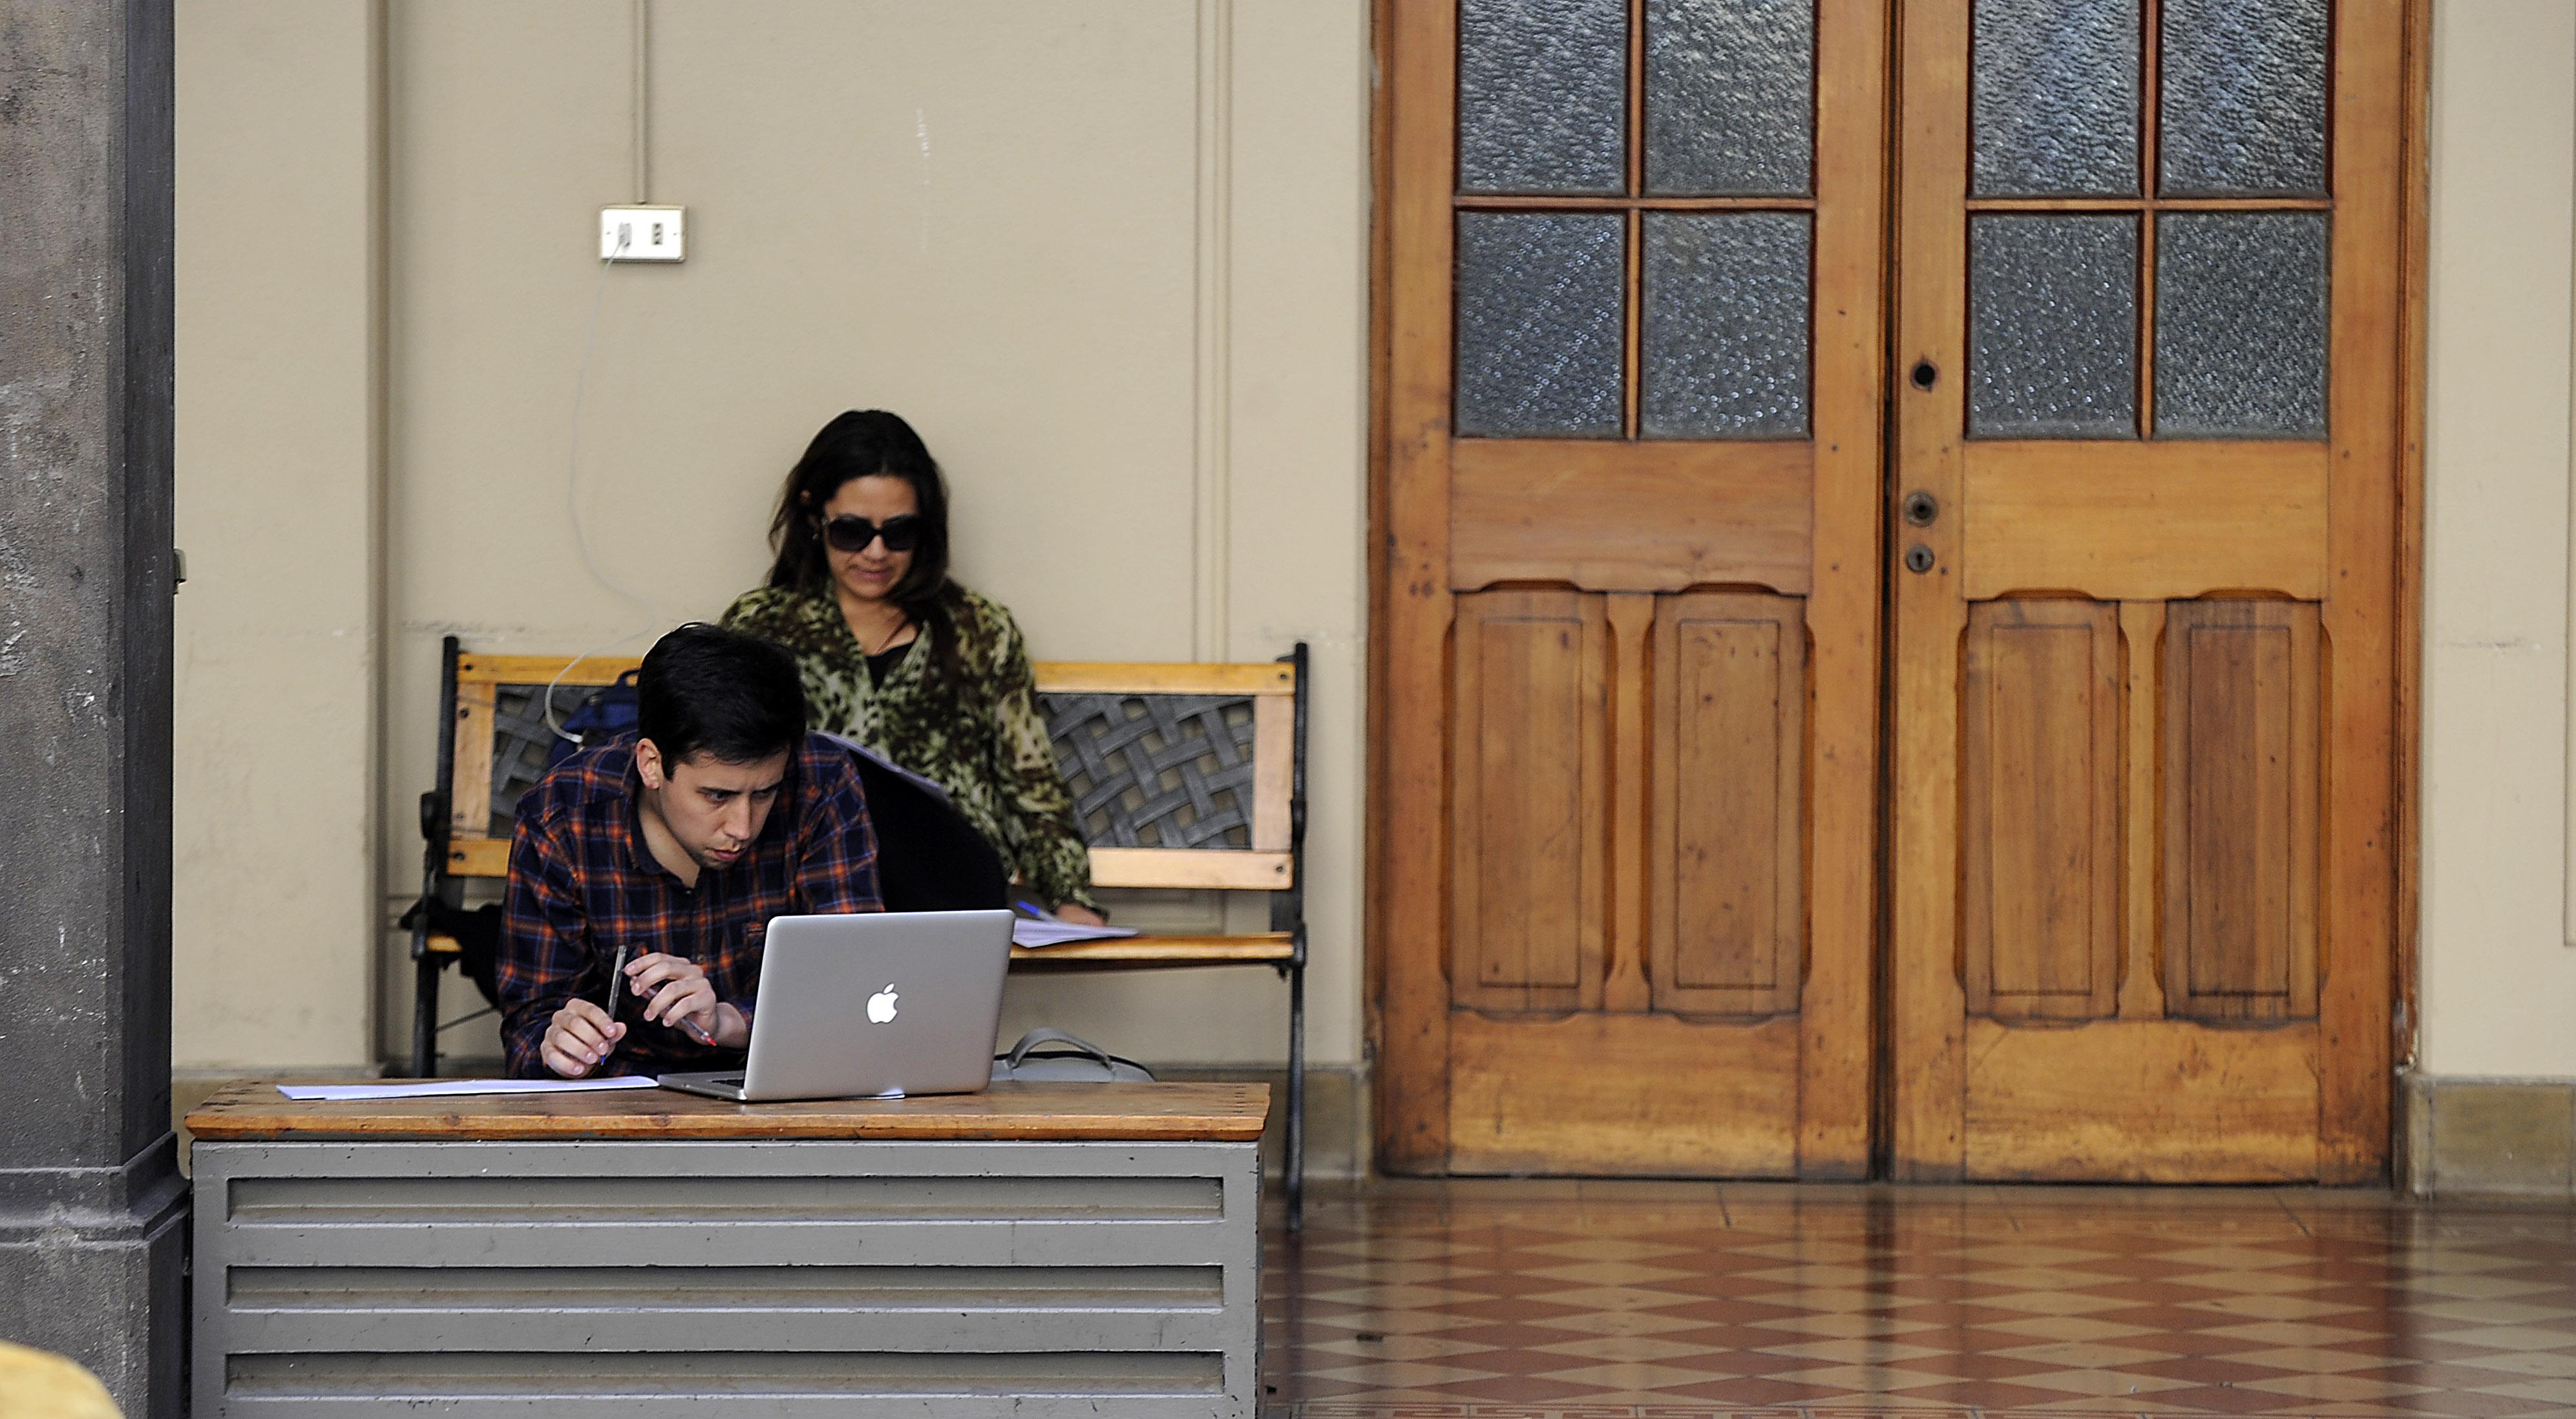 ¿Qué beneficios tendrán los estudiantes sin gratuidad tras acuerdo Gobierno-Oposición?